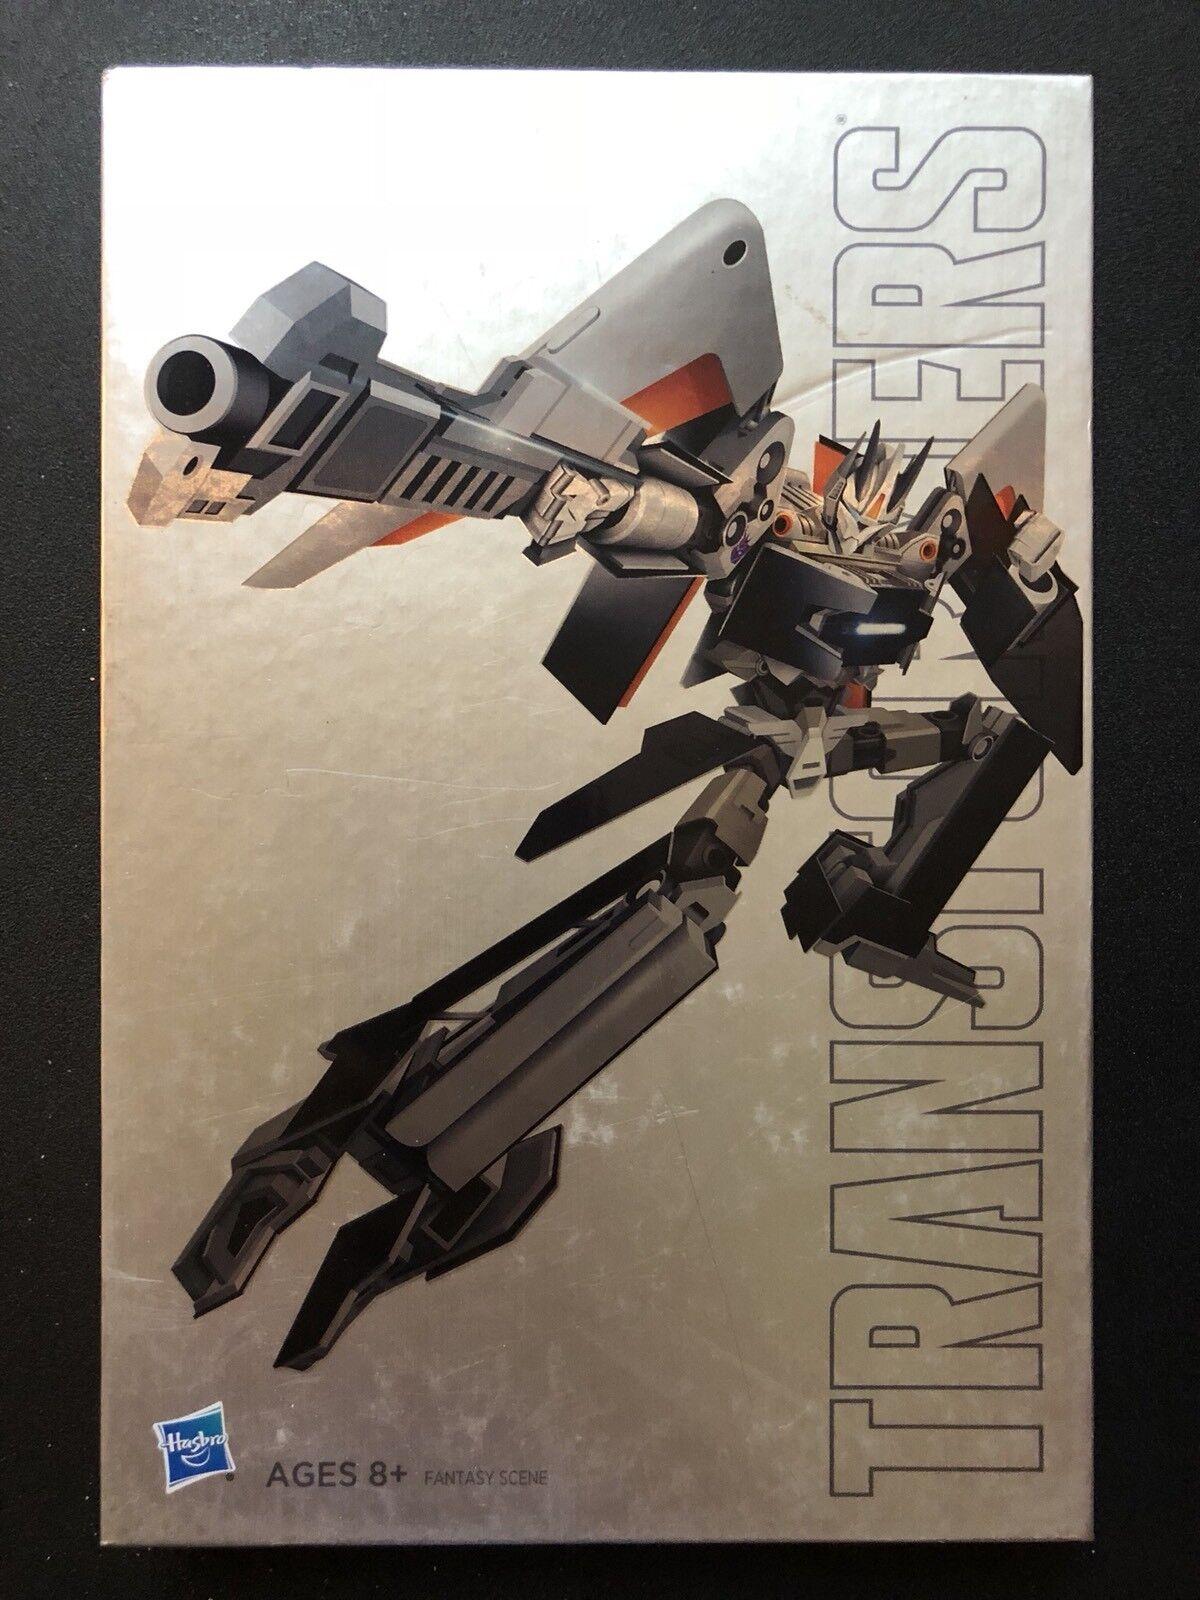 Ahorre 35% - 70% de descuento San Diego comic-con 2016 HASBRO Transformers evolución Soundwave TABLET TABLET TABLET Exclusivo  hasta 42% de descuento